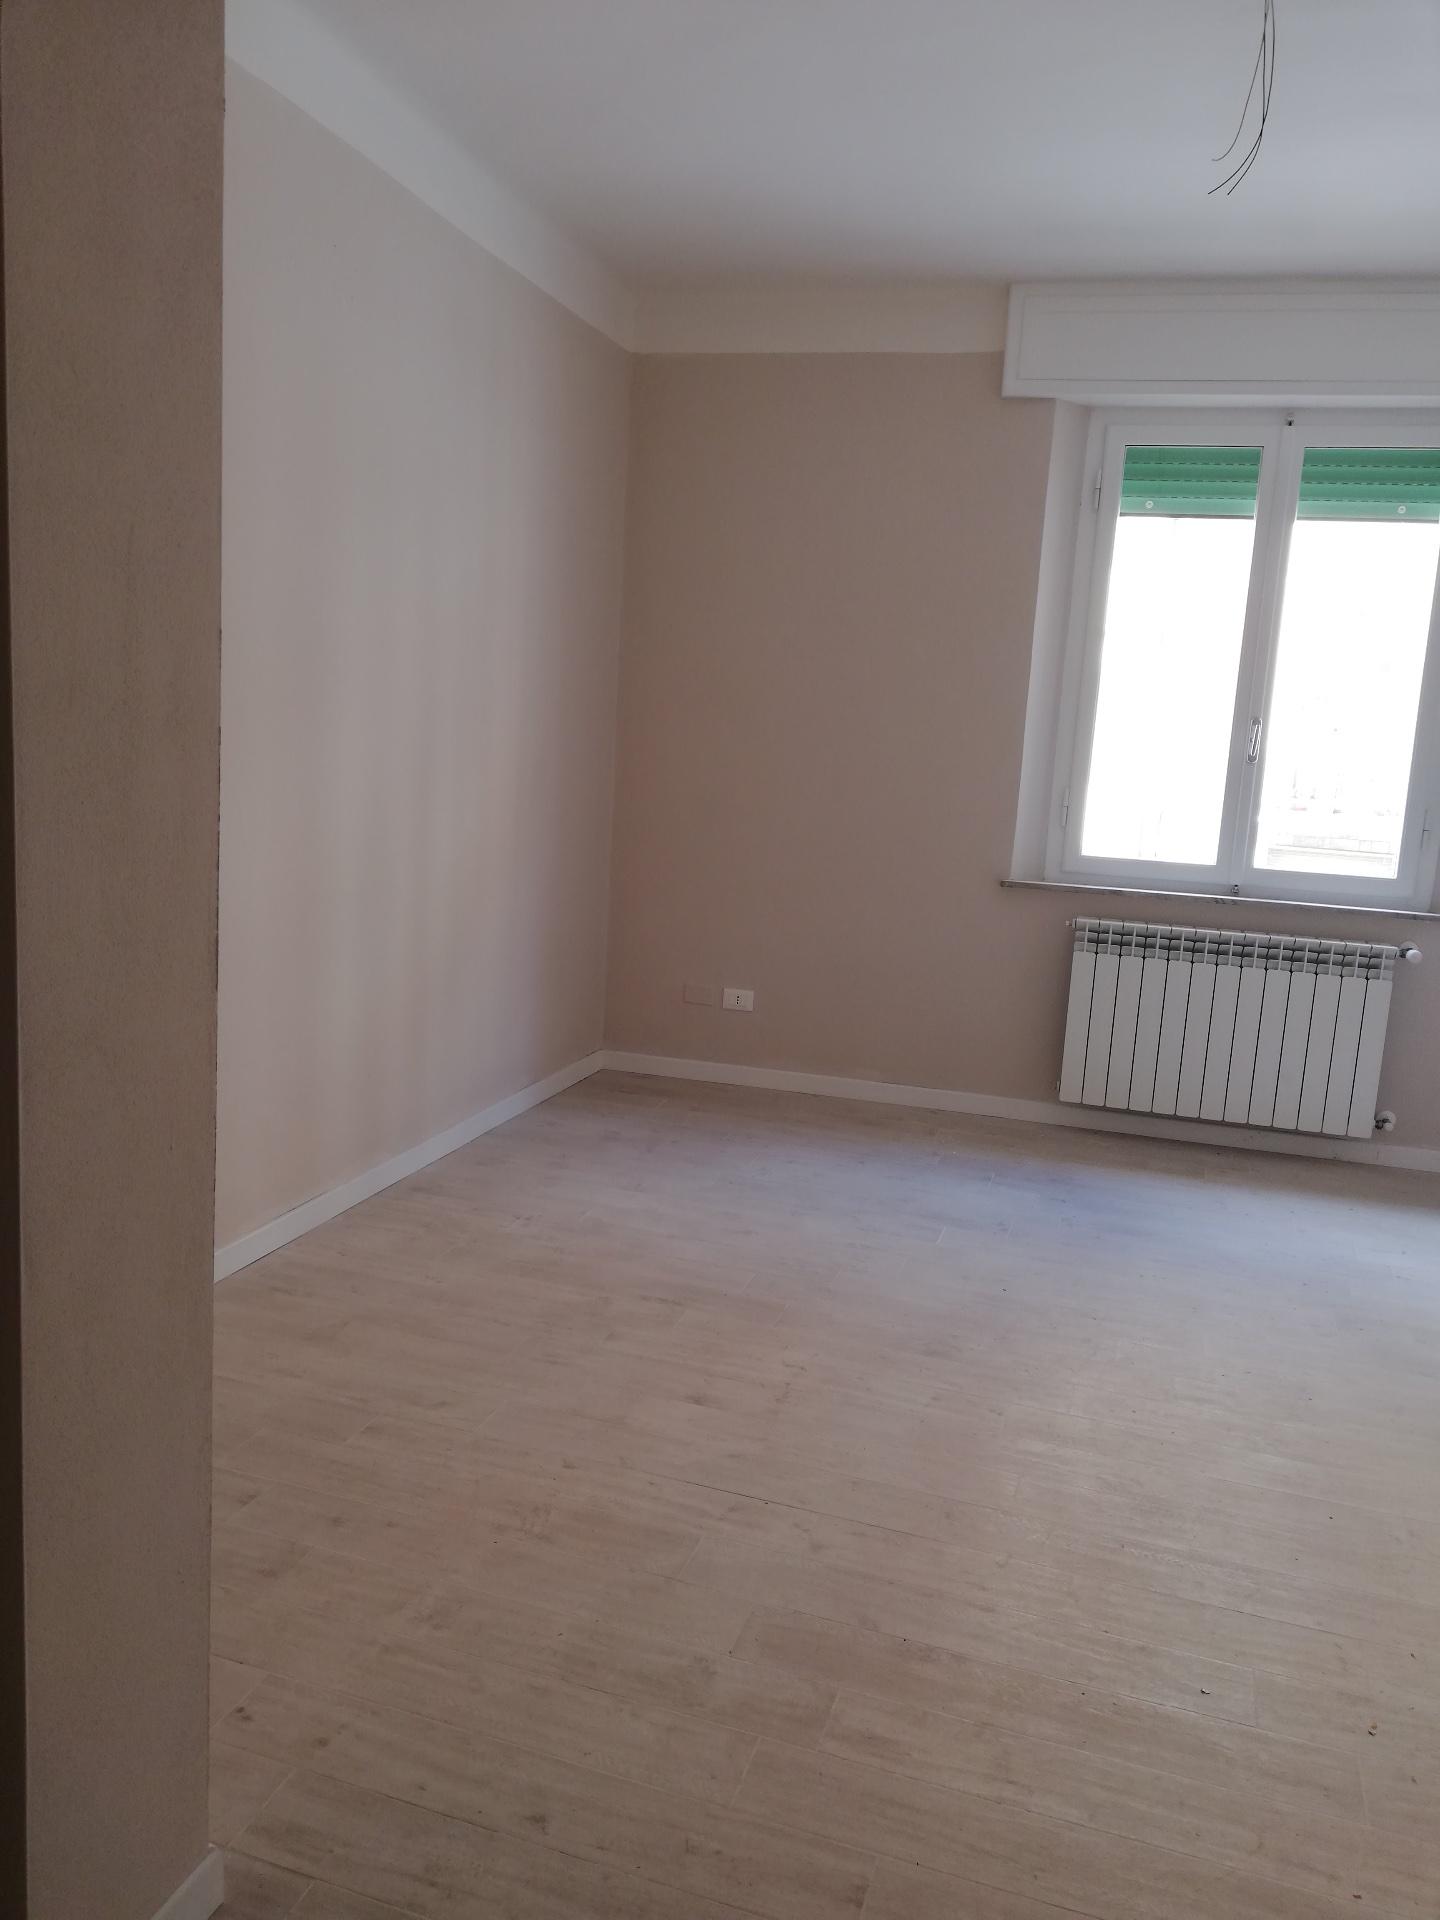 Appartamento in affitto, rif. a39/179